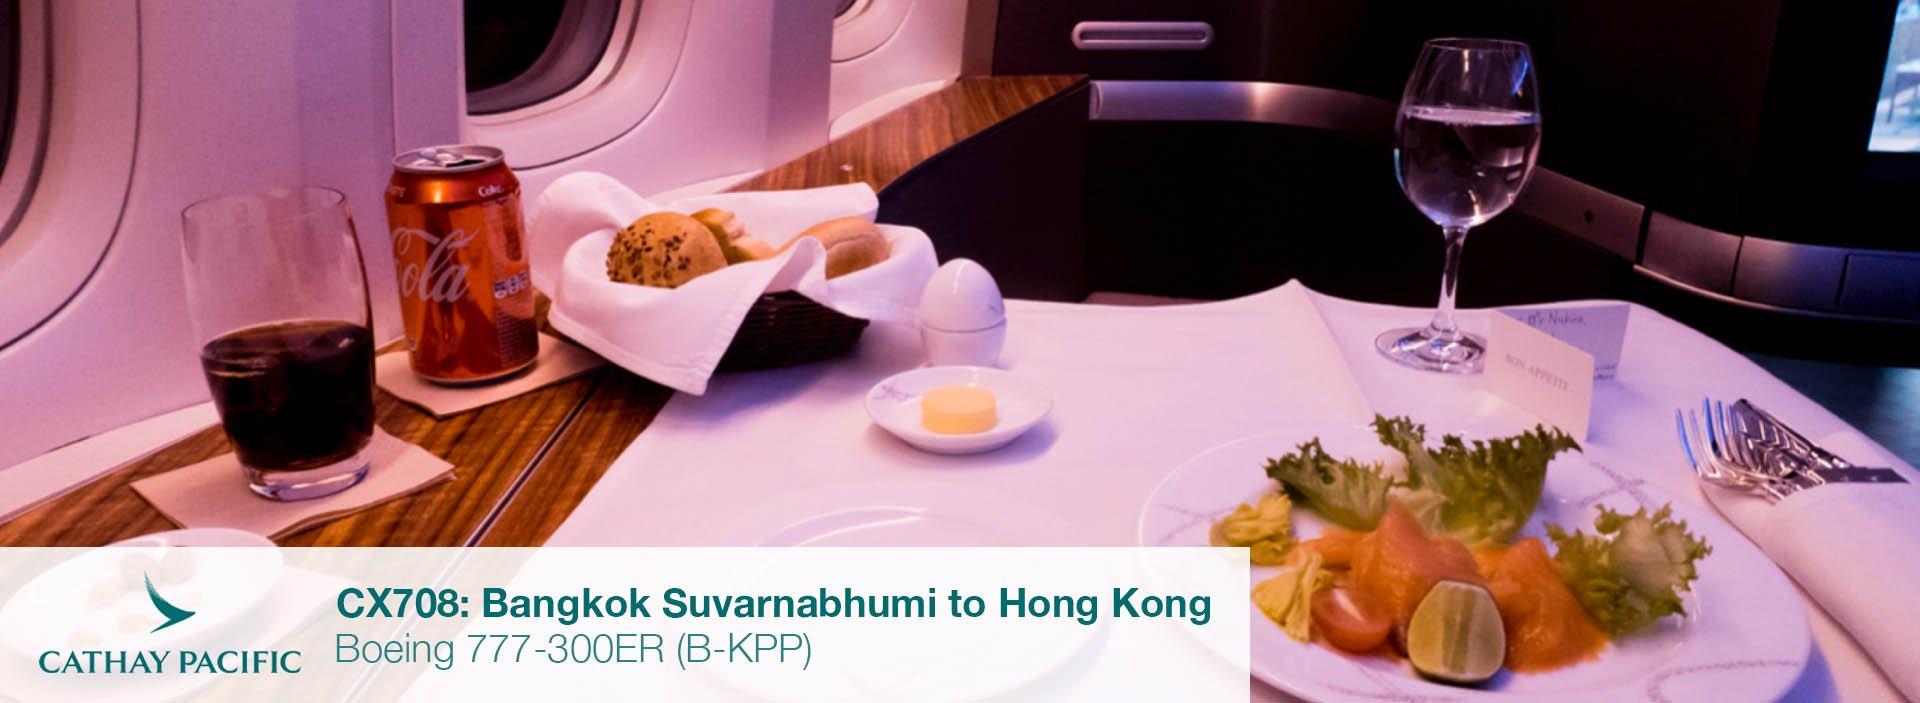 Flight Review: Cathay Pacific 777-300ER First Class from Bangkok Suvarnabhumi to Hong Kong